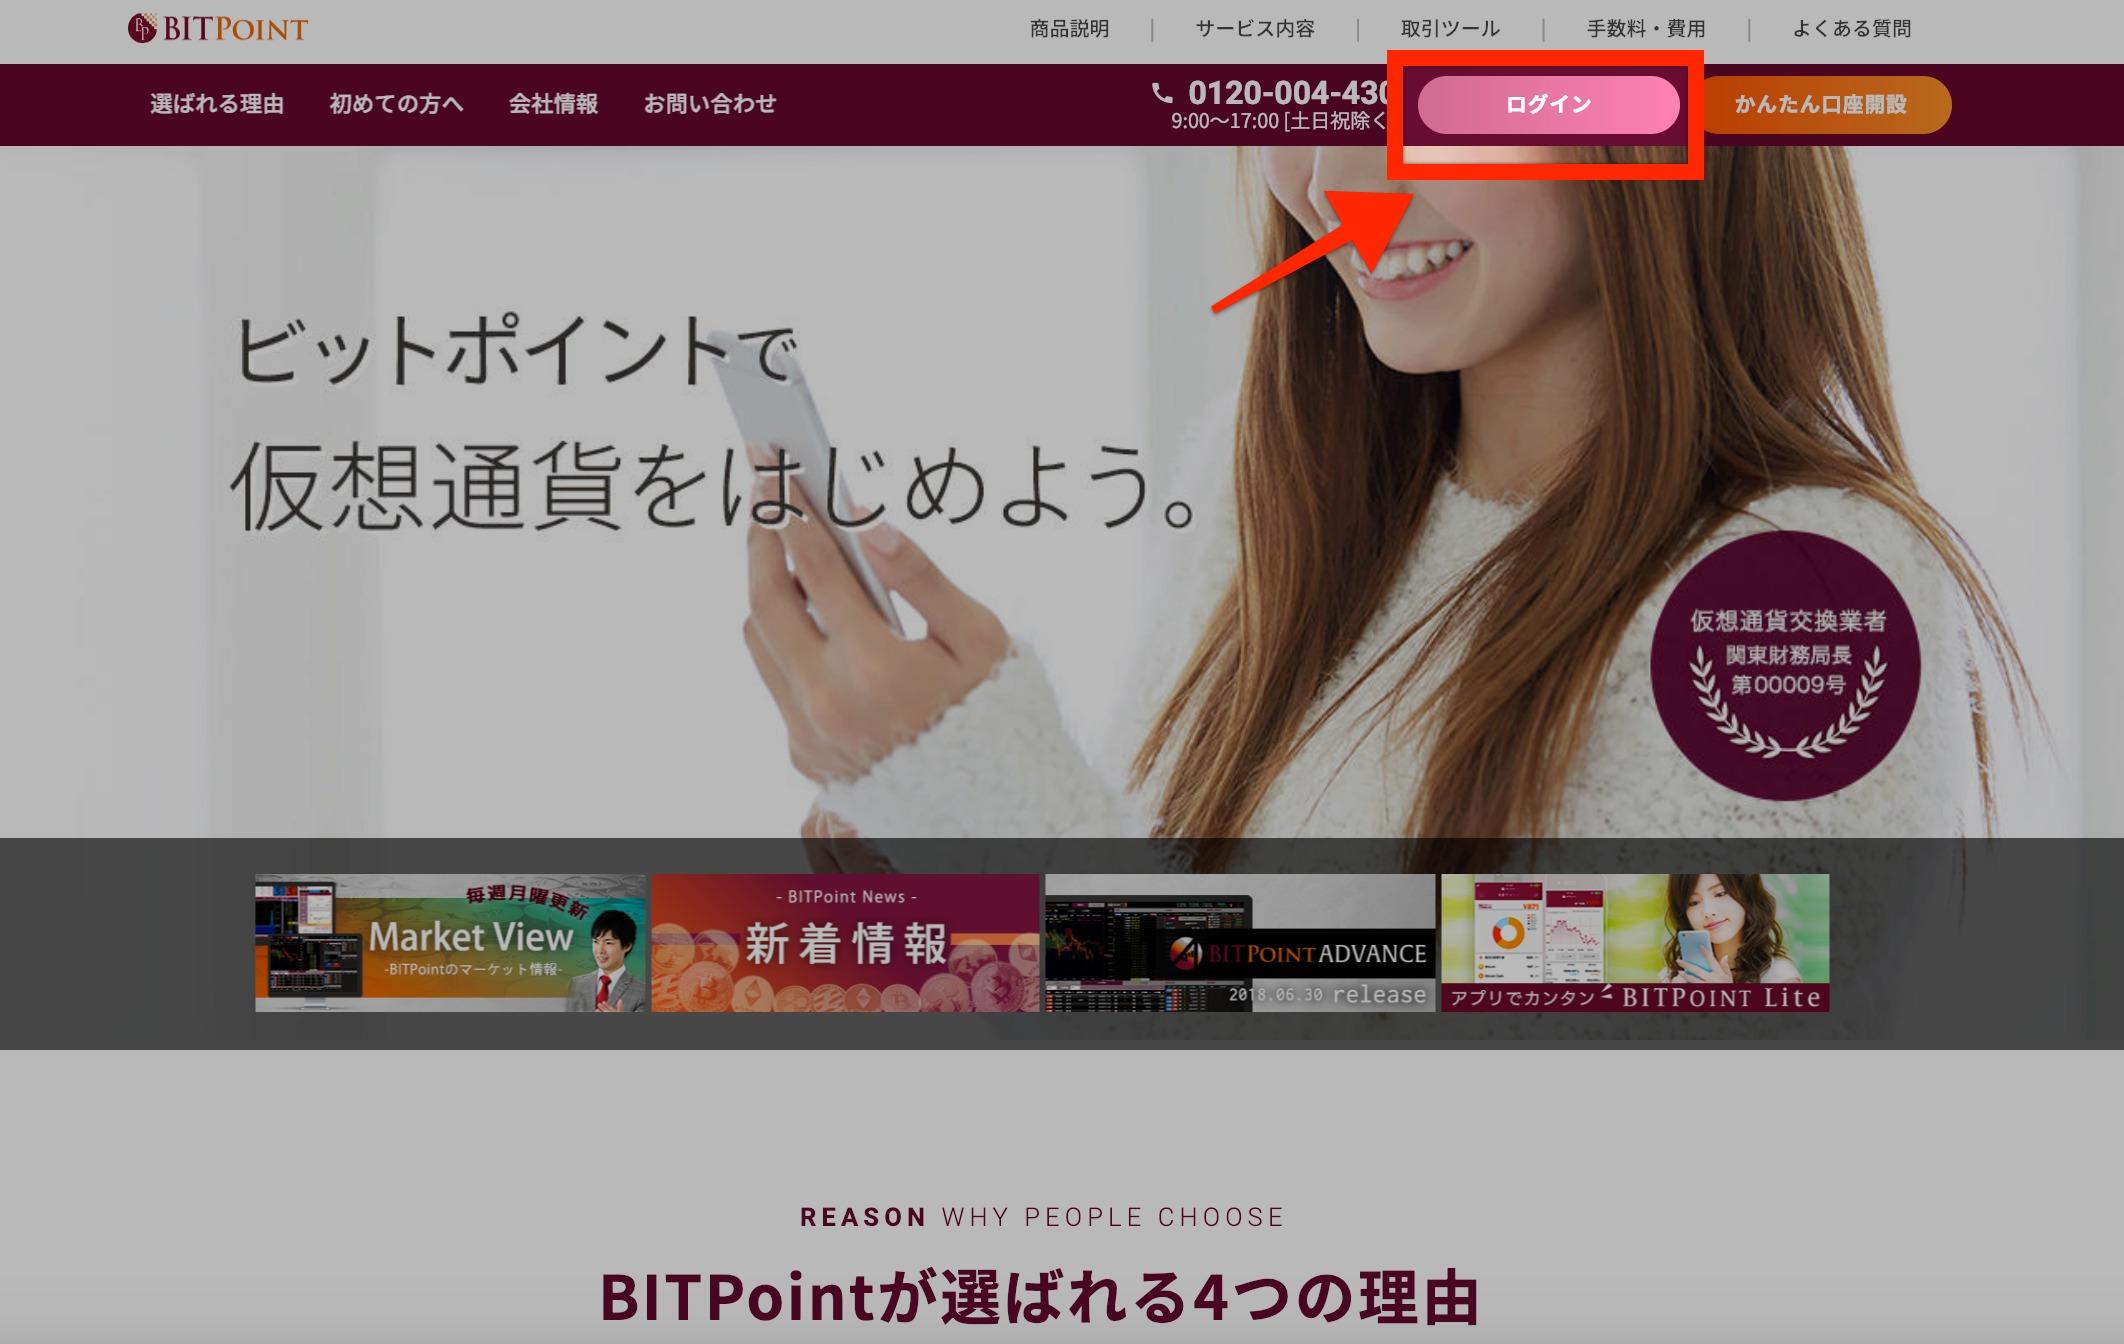 BITPointログイン画面